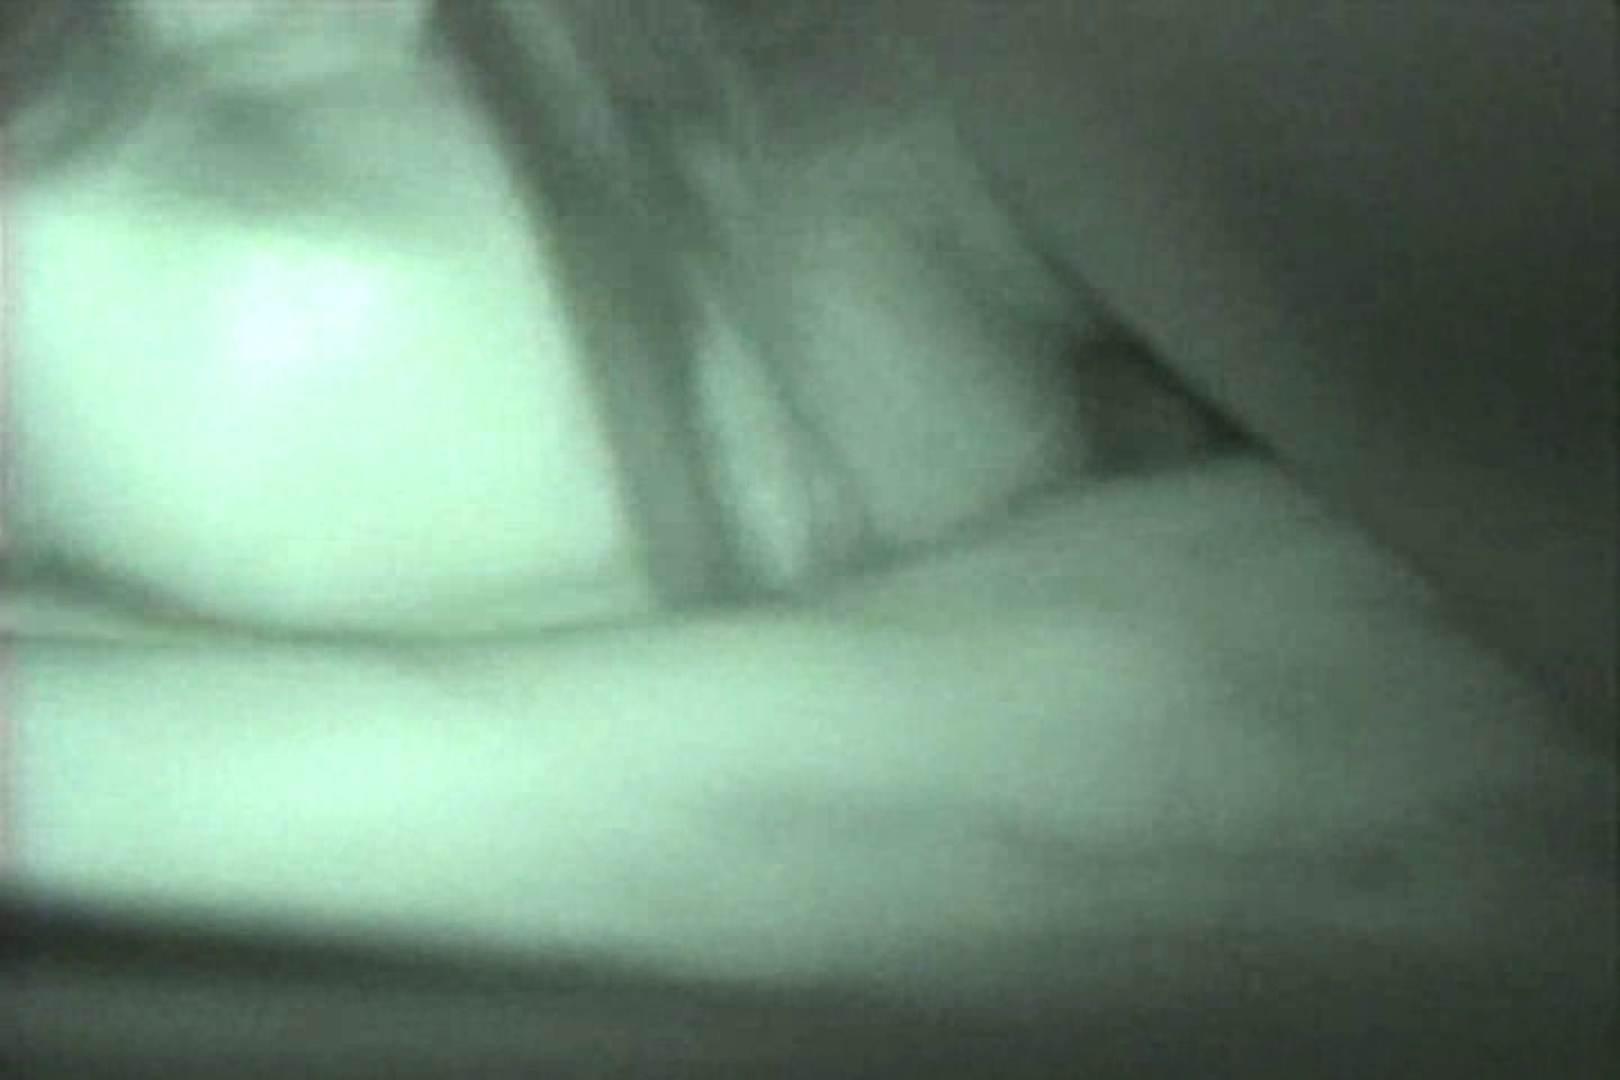 蔵出し!!赤外線カーセックスVol.6 カーセックス エロ画像 73pic 11